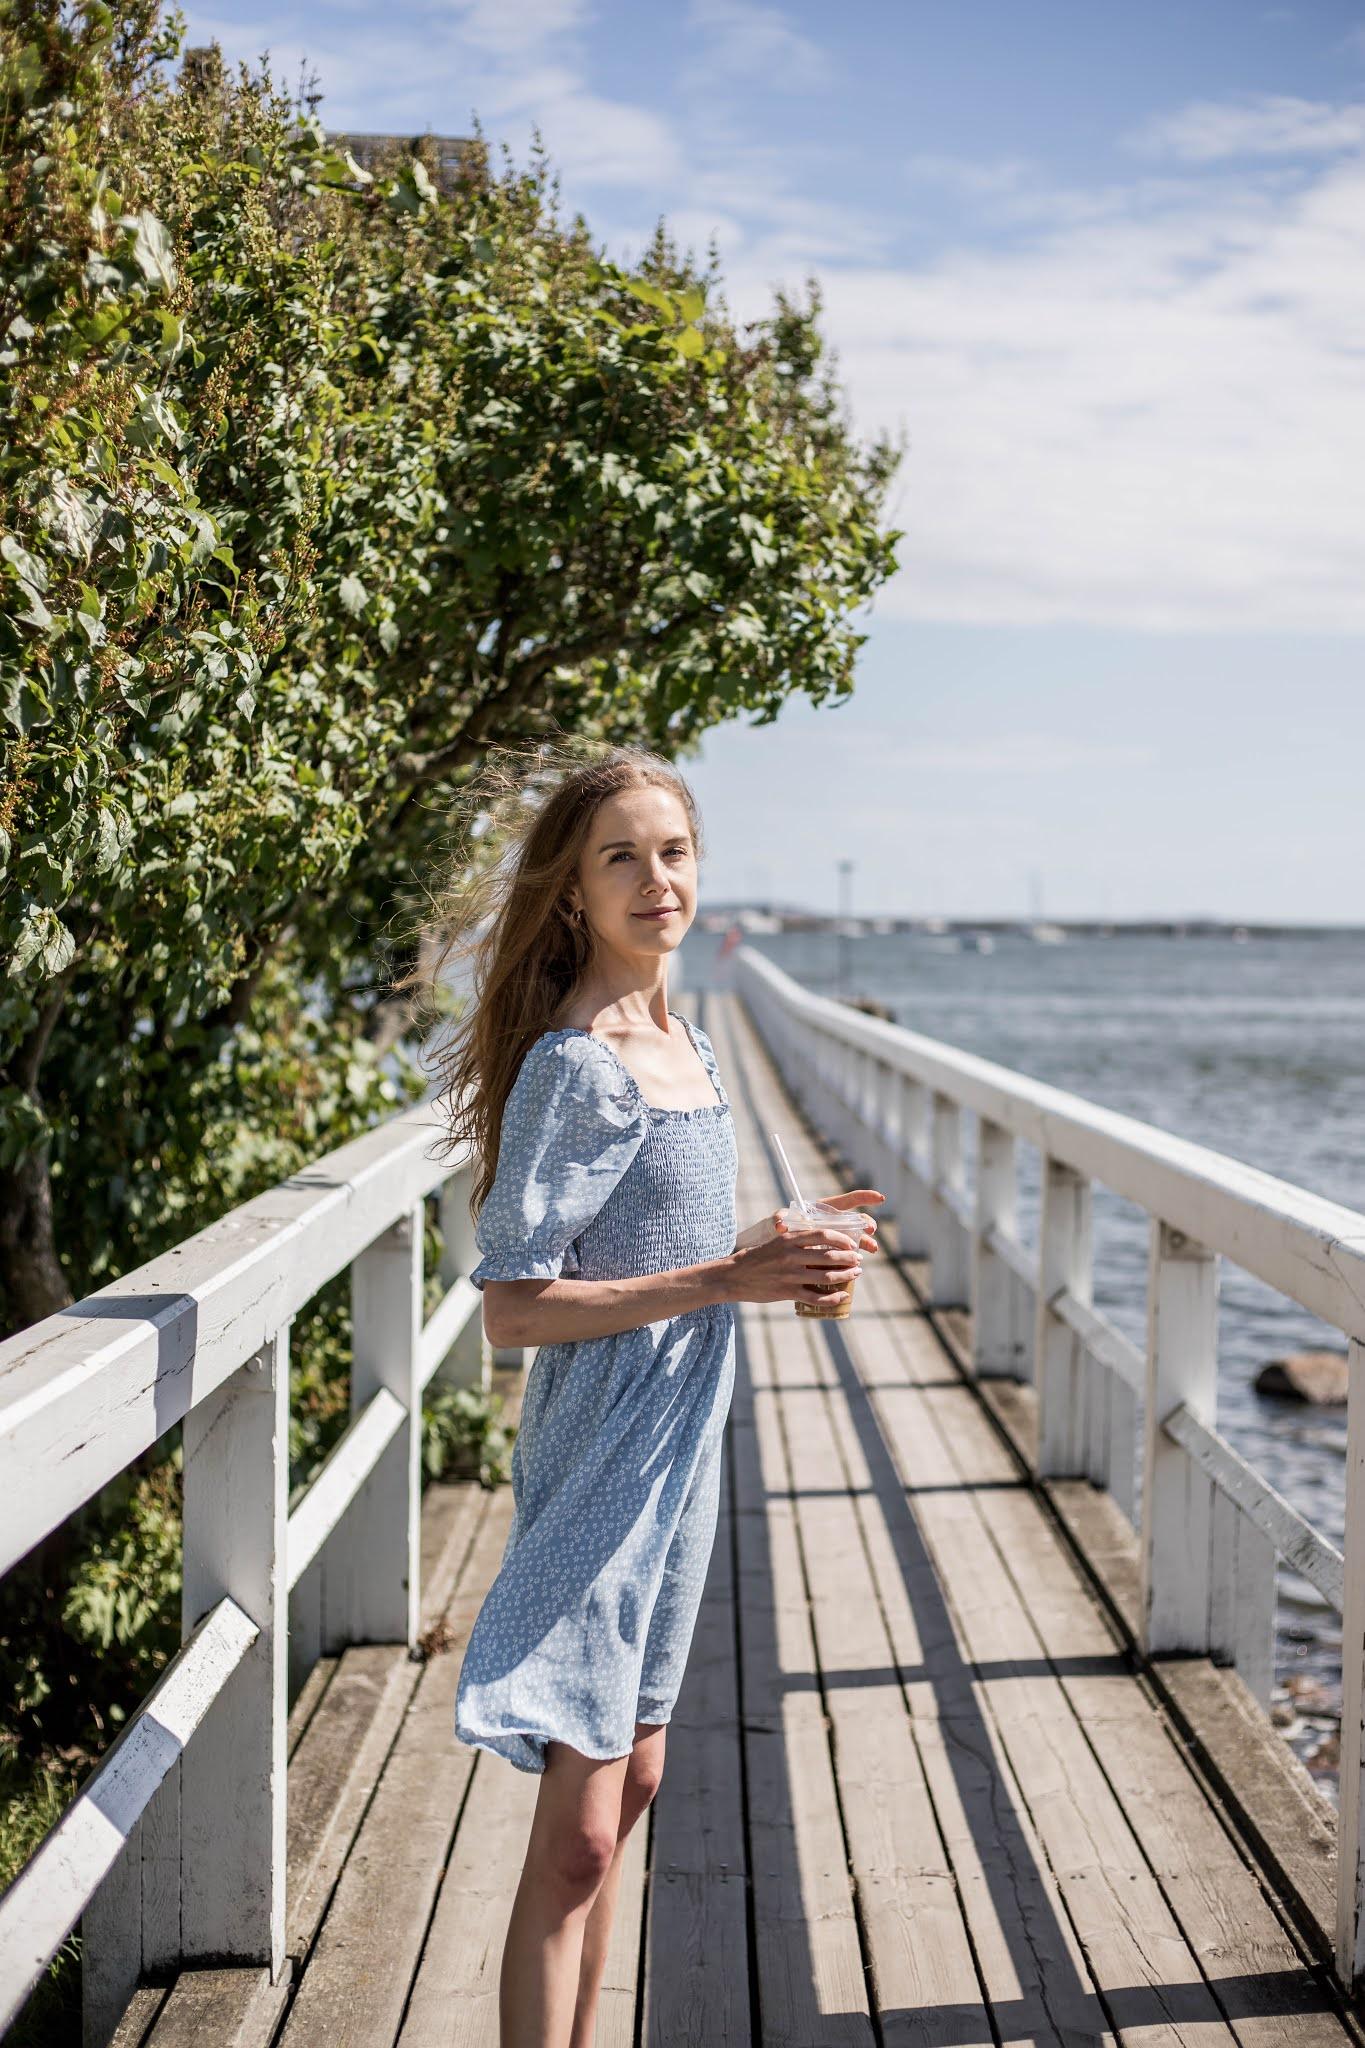 Vaaleansininen kukallinen kesämekko // Light blue floral summer dress